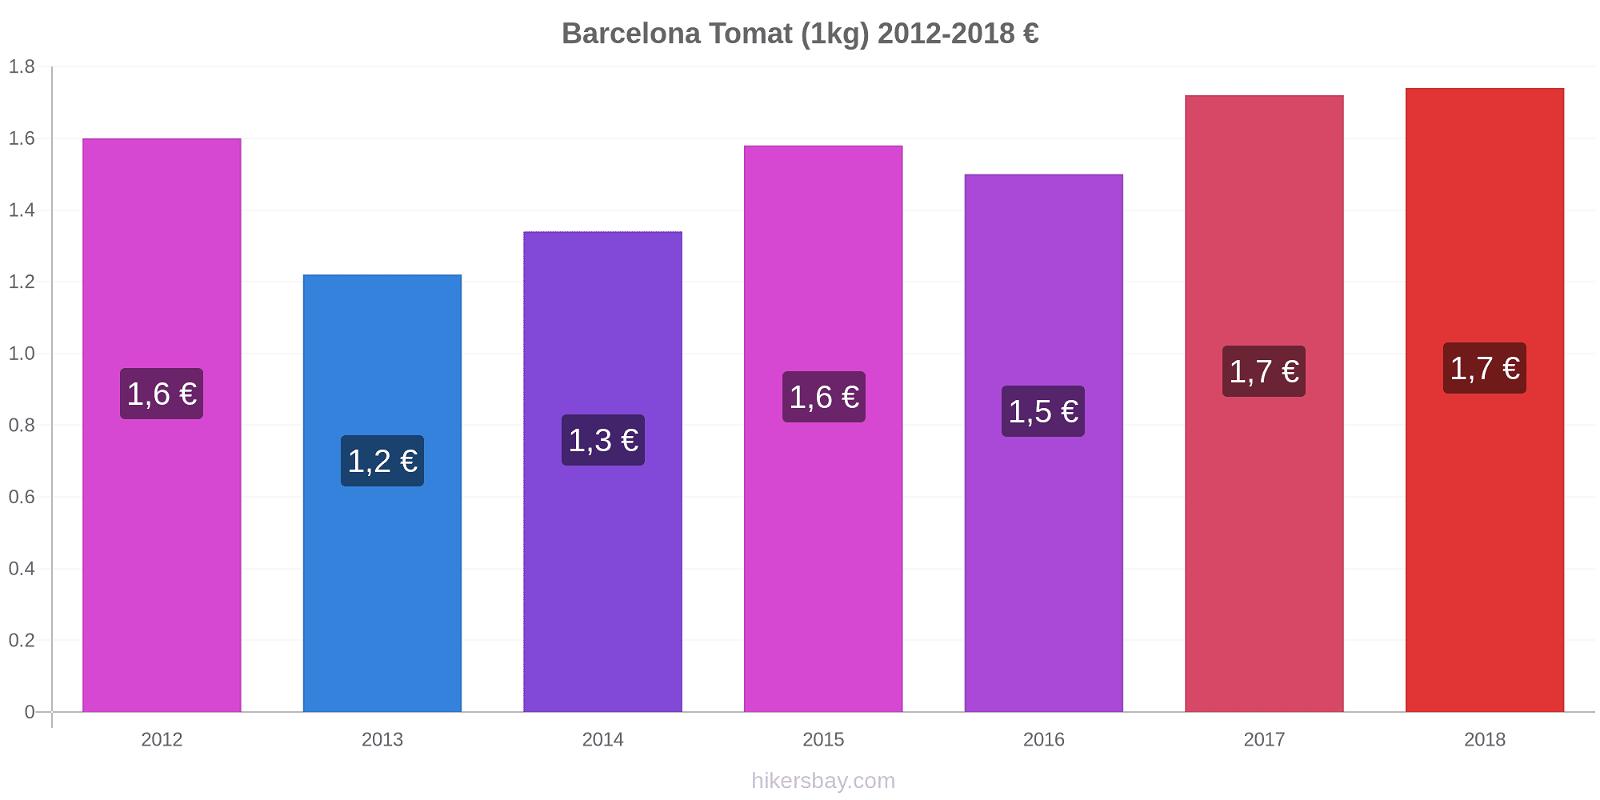 Barcelona prisændringer Tomat (1kg) hikersbay.com